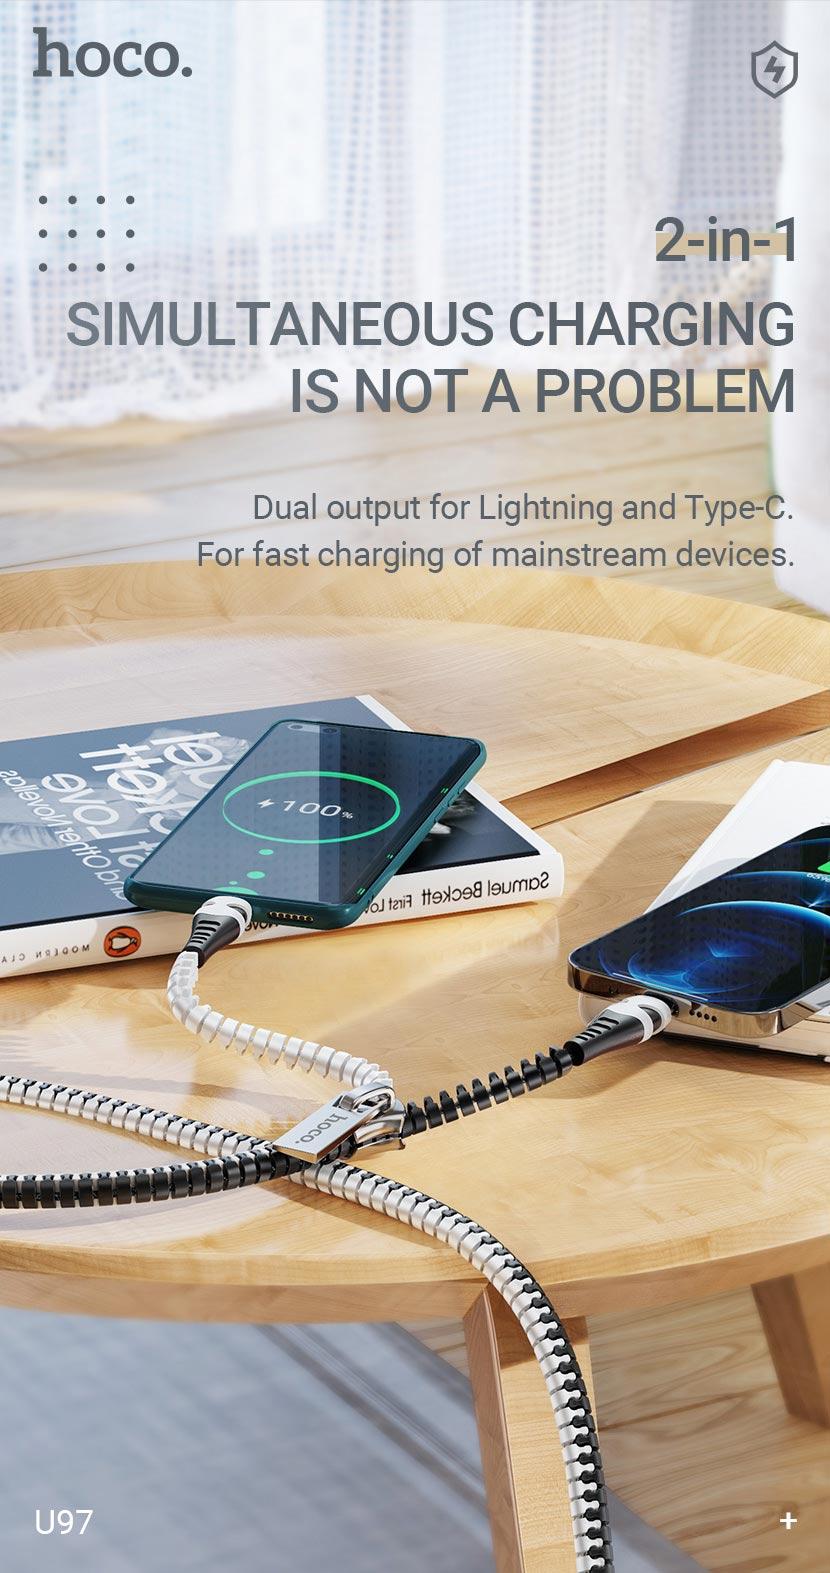 hoco news u97 2in1 zipper charging cable lightning type c charging en